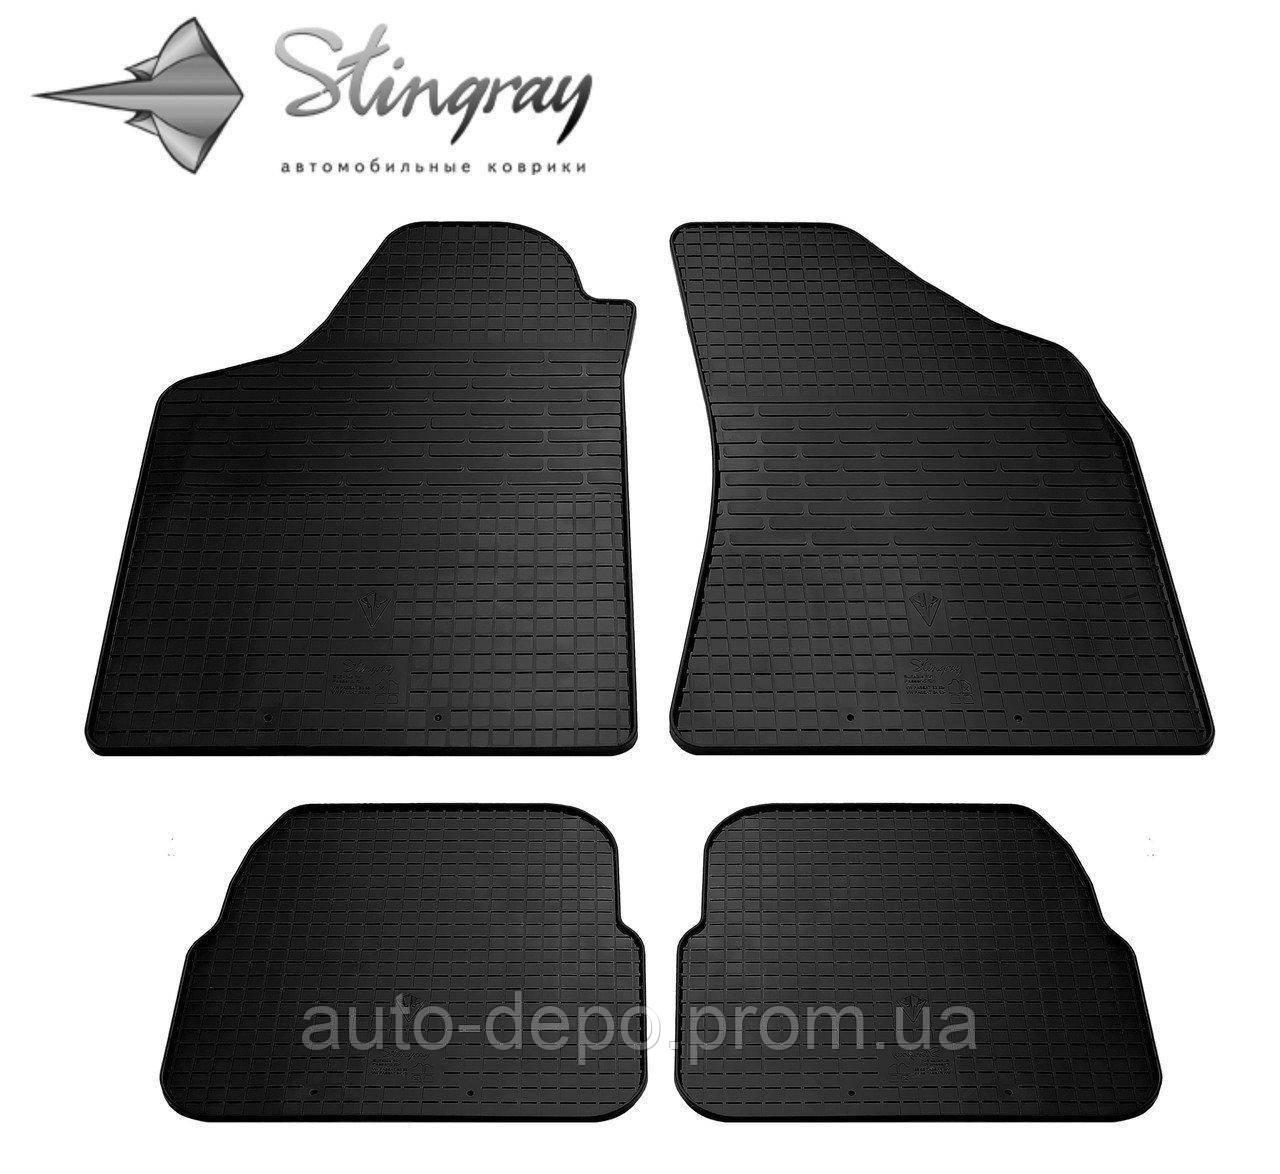 Коврики автомобильные для Volkswagen Passat B4 1988- Stingray